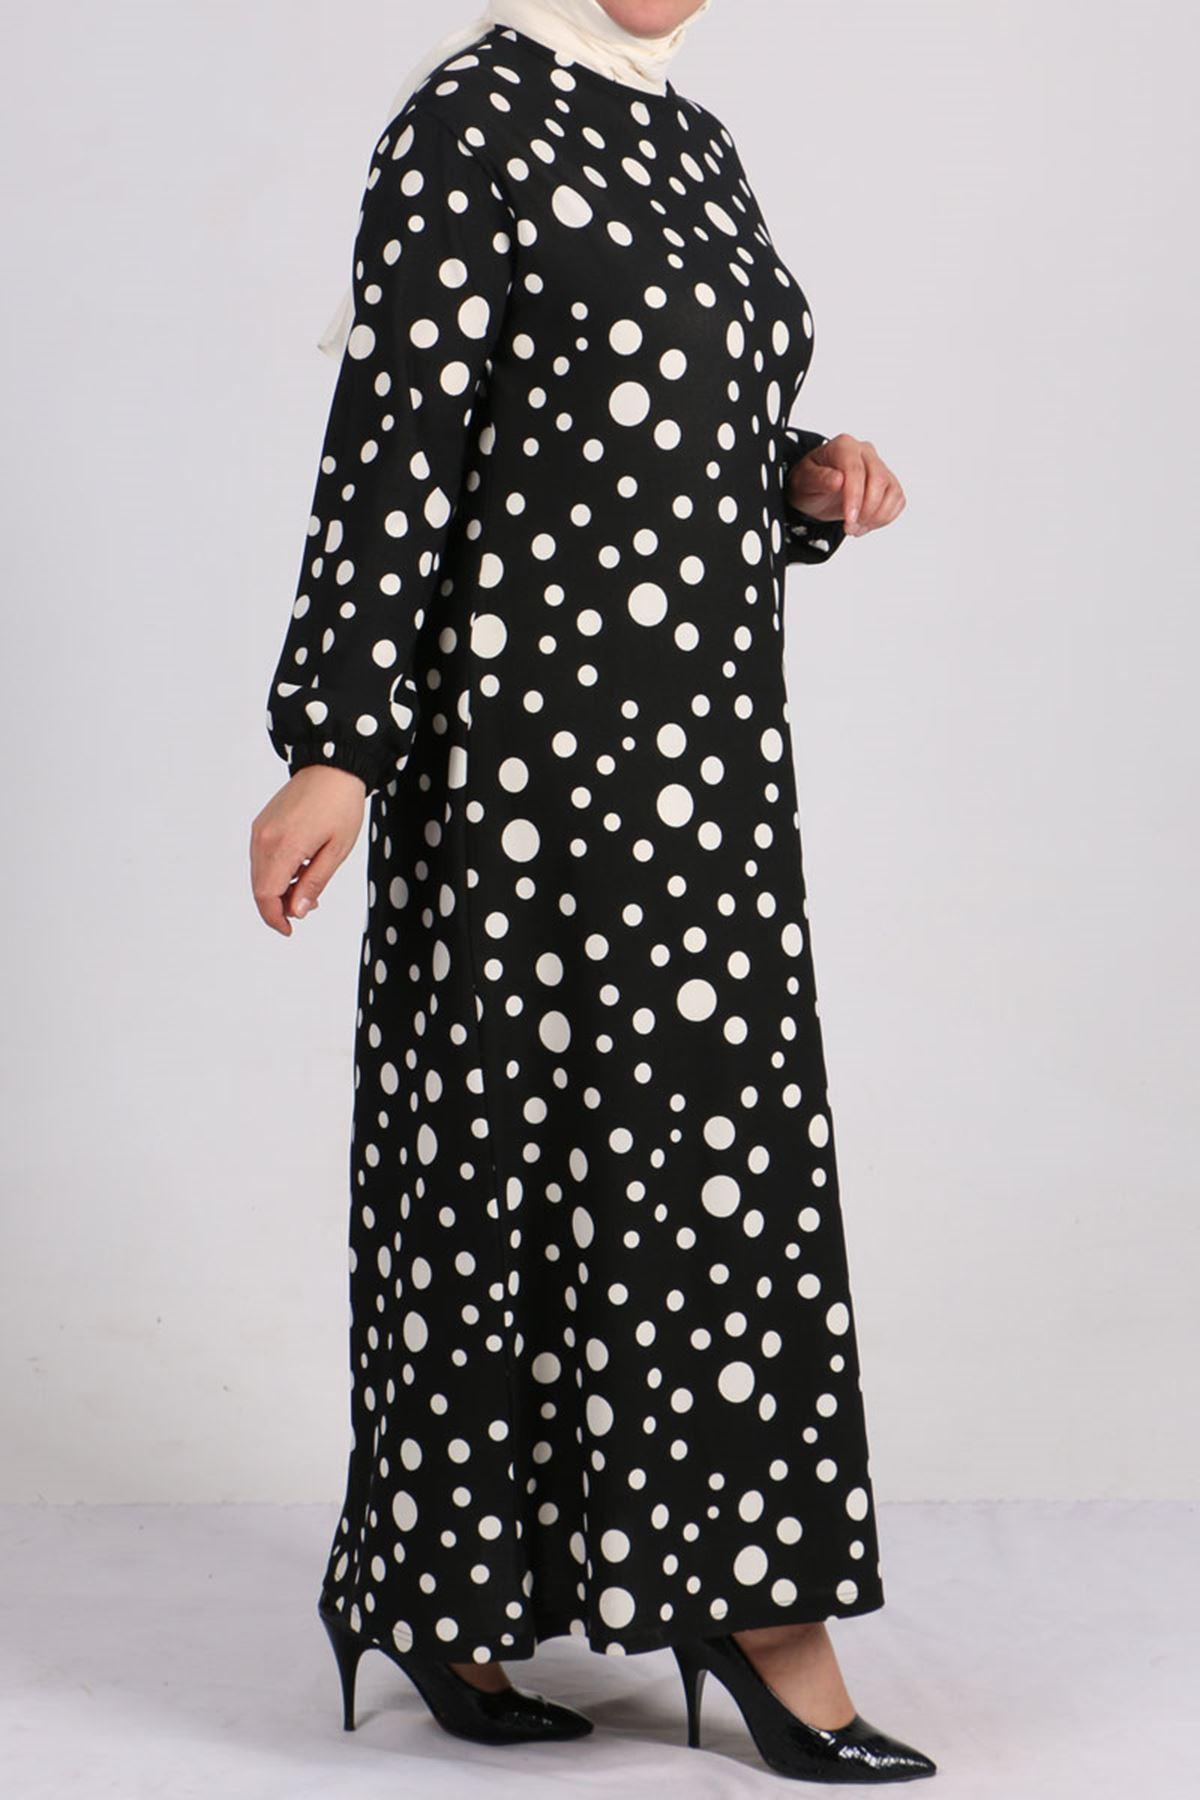 2093 Büyük Beden Örme Krep Kolu Lastikli Elbise - Siyah Puanlı